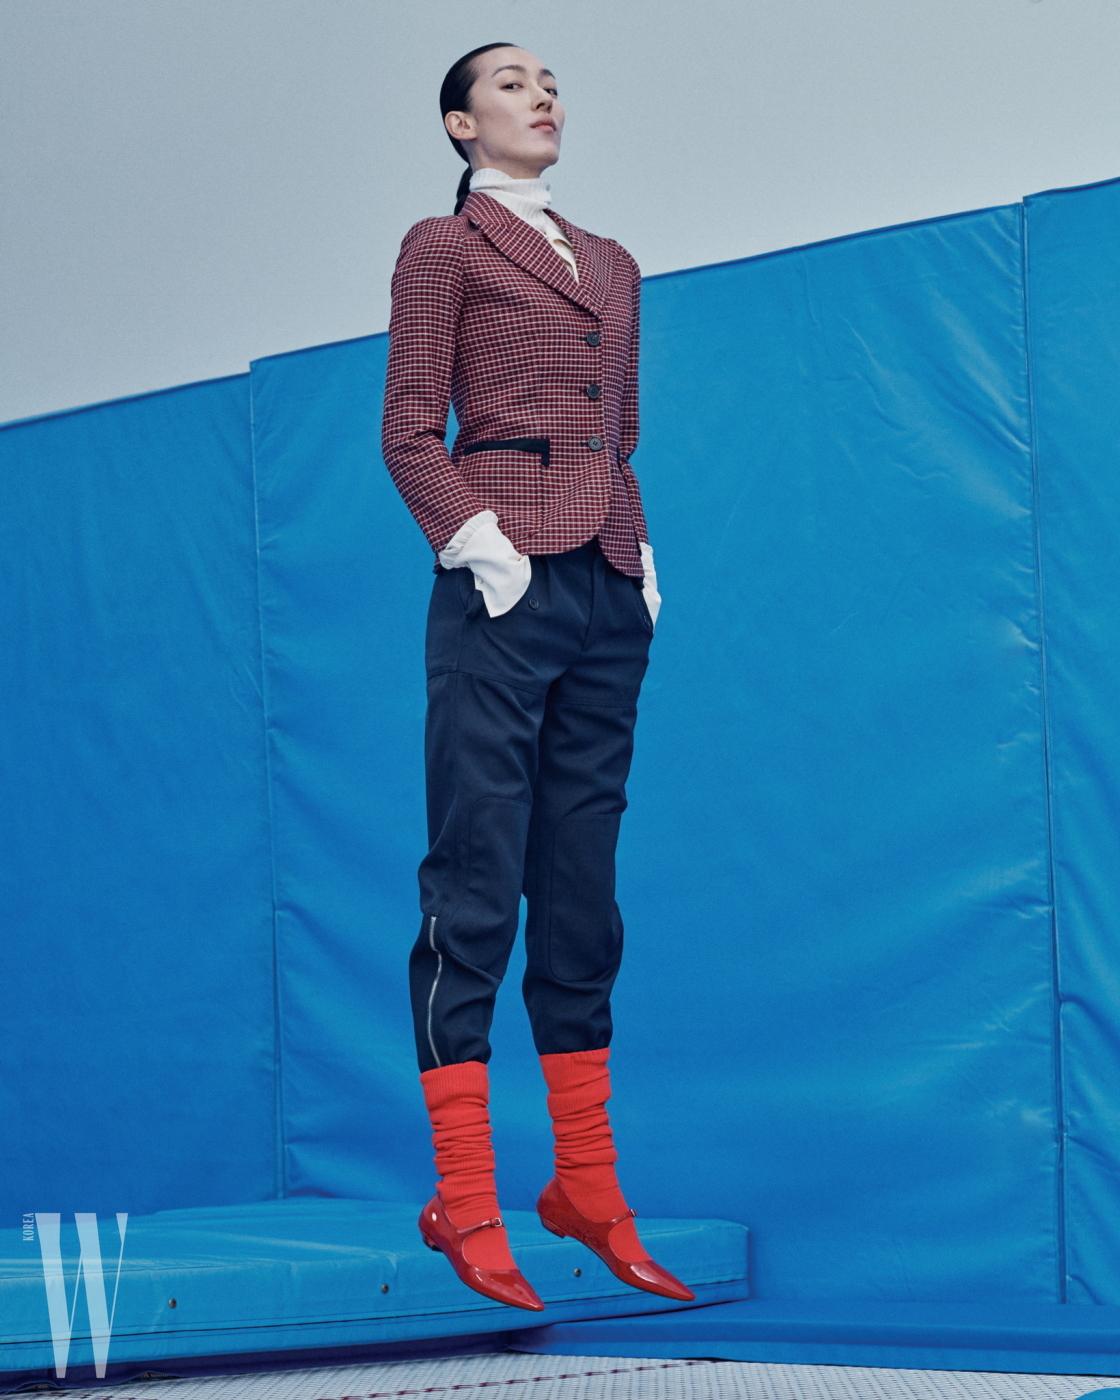 하얀색 터틀넥과 안에 입은 실크 셔츠, 체크무늬 재킷과 네이비 승마 팬츠, 빨강 스포티 삭스는 모두 끌로에 제품. 모두 가격 미정. 빨강 메리제인 슈즈는 미우미우 제품. 가격 미정.